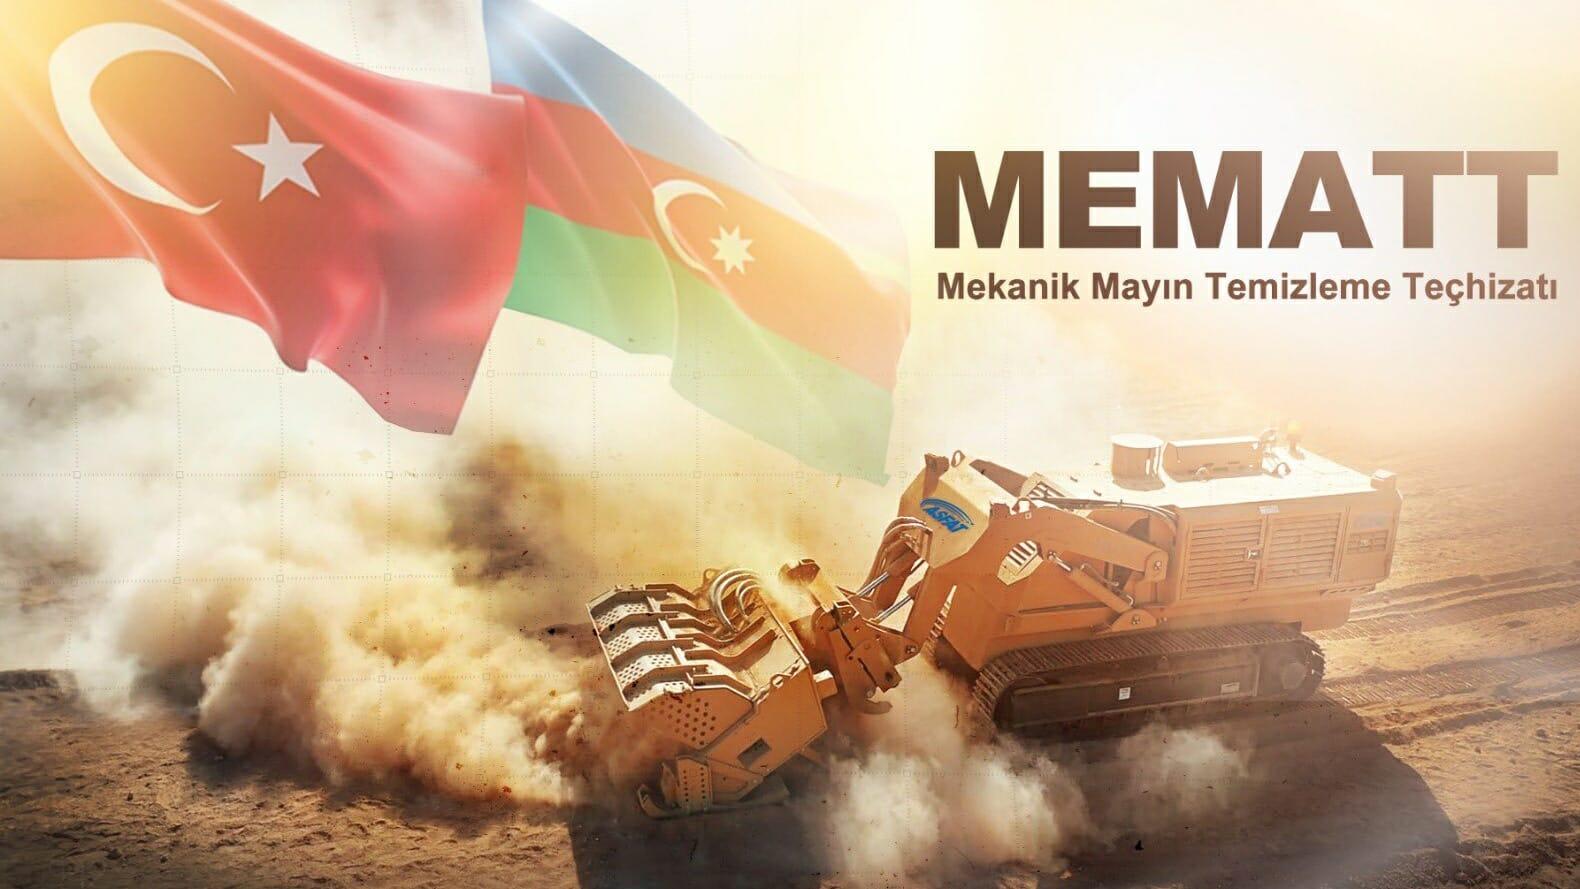 20201210 2 45780209 60487452 - شركة صناعات دفاعية تركية تزود أذربيجان بمعدات ميكانيكية لإزالة الألغام